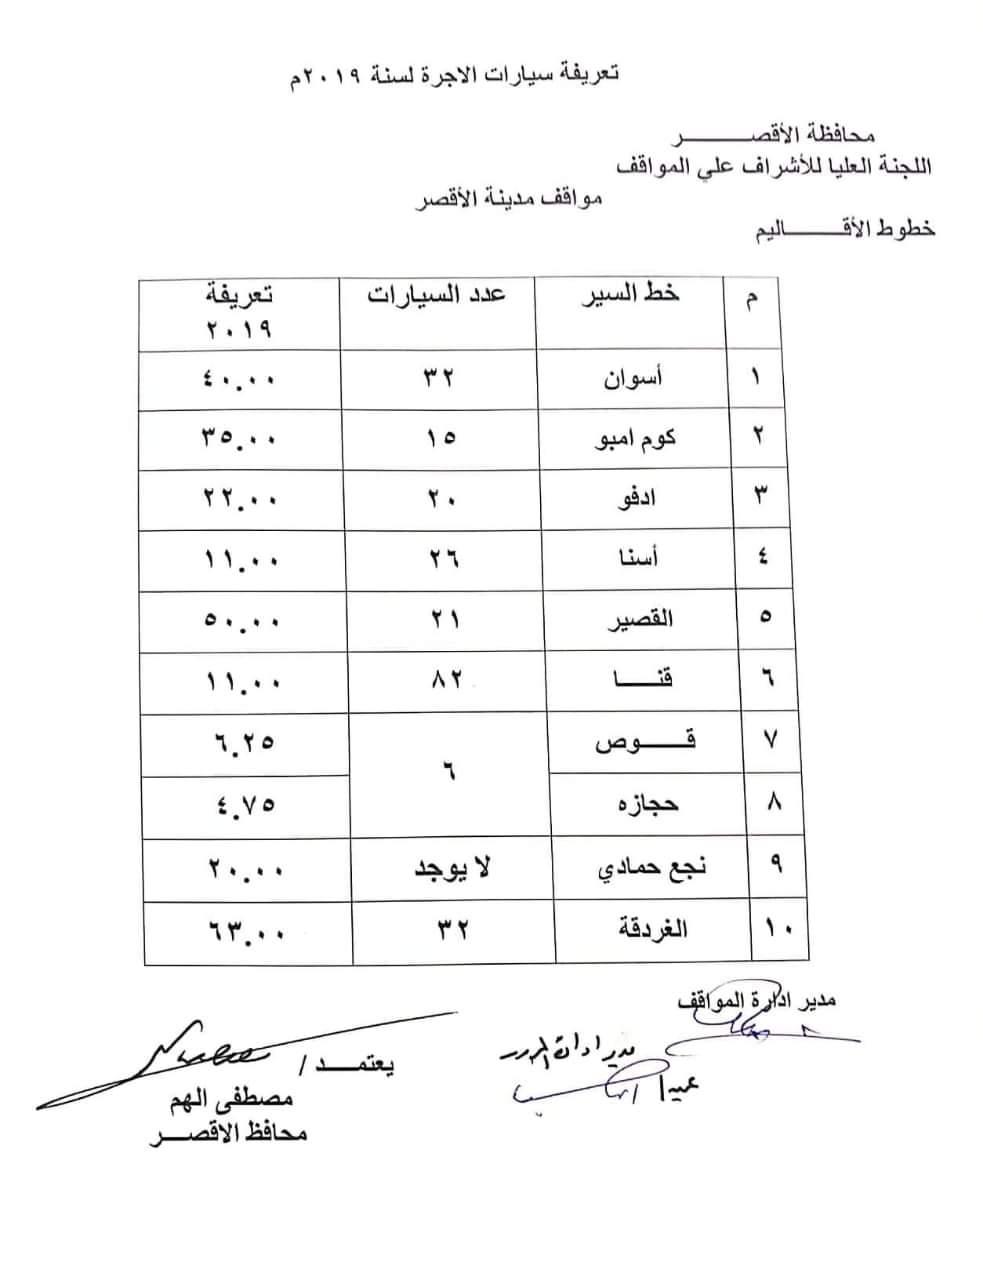 ننشر التعريفه الجديده للمواصلات داخل وبين المدن المصرية بعد زياده اسعار الوقود بجميع المحافظات FB_IMG_1562330339980